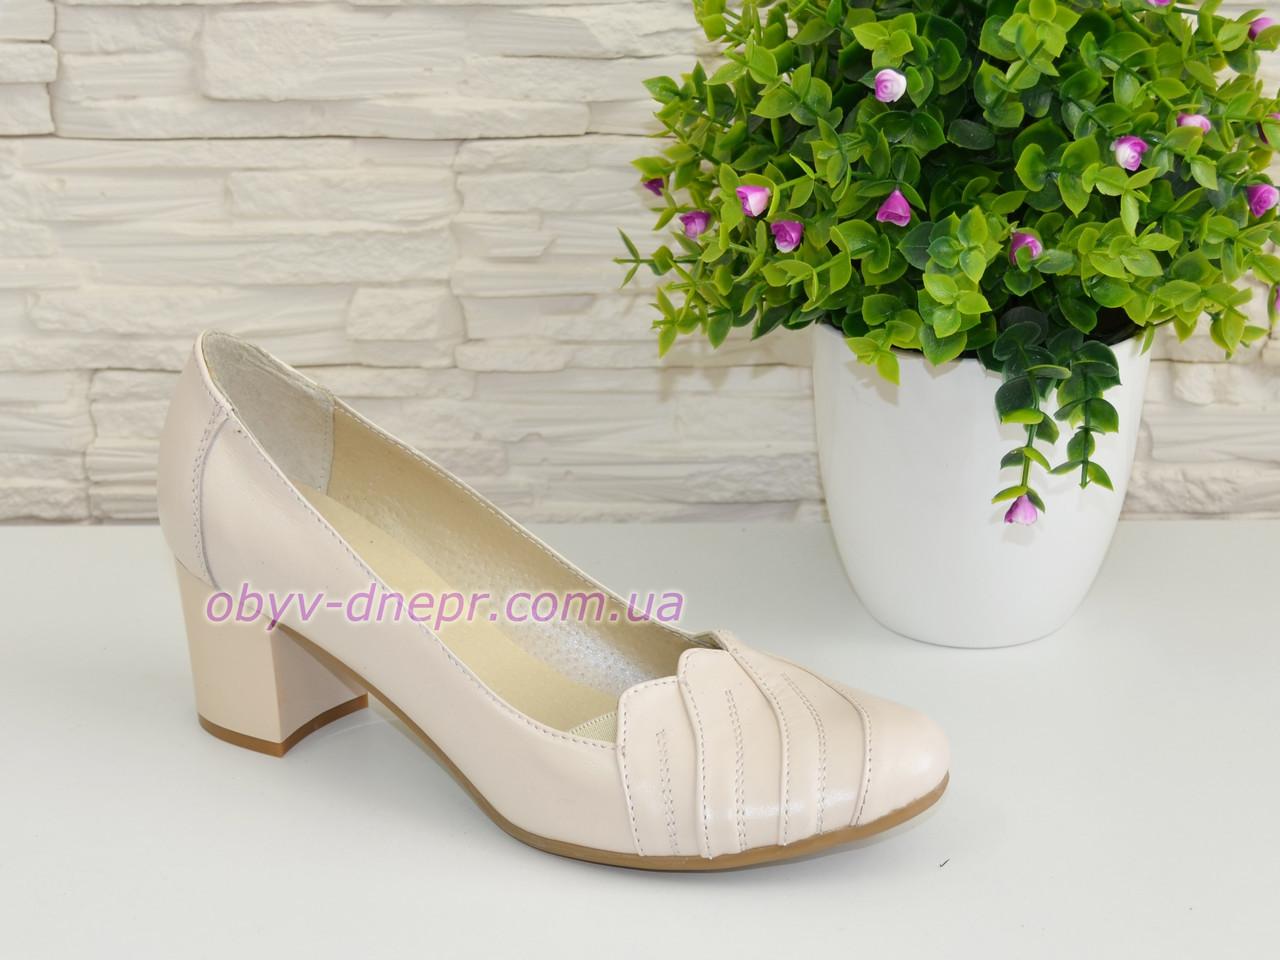 """Туфли бежевые женские кожаные на невысоком каблуке. ТМ """"Maestro"""""""